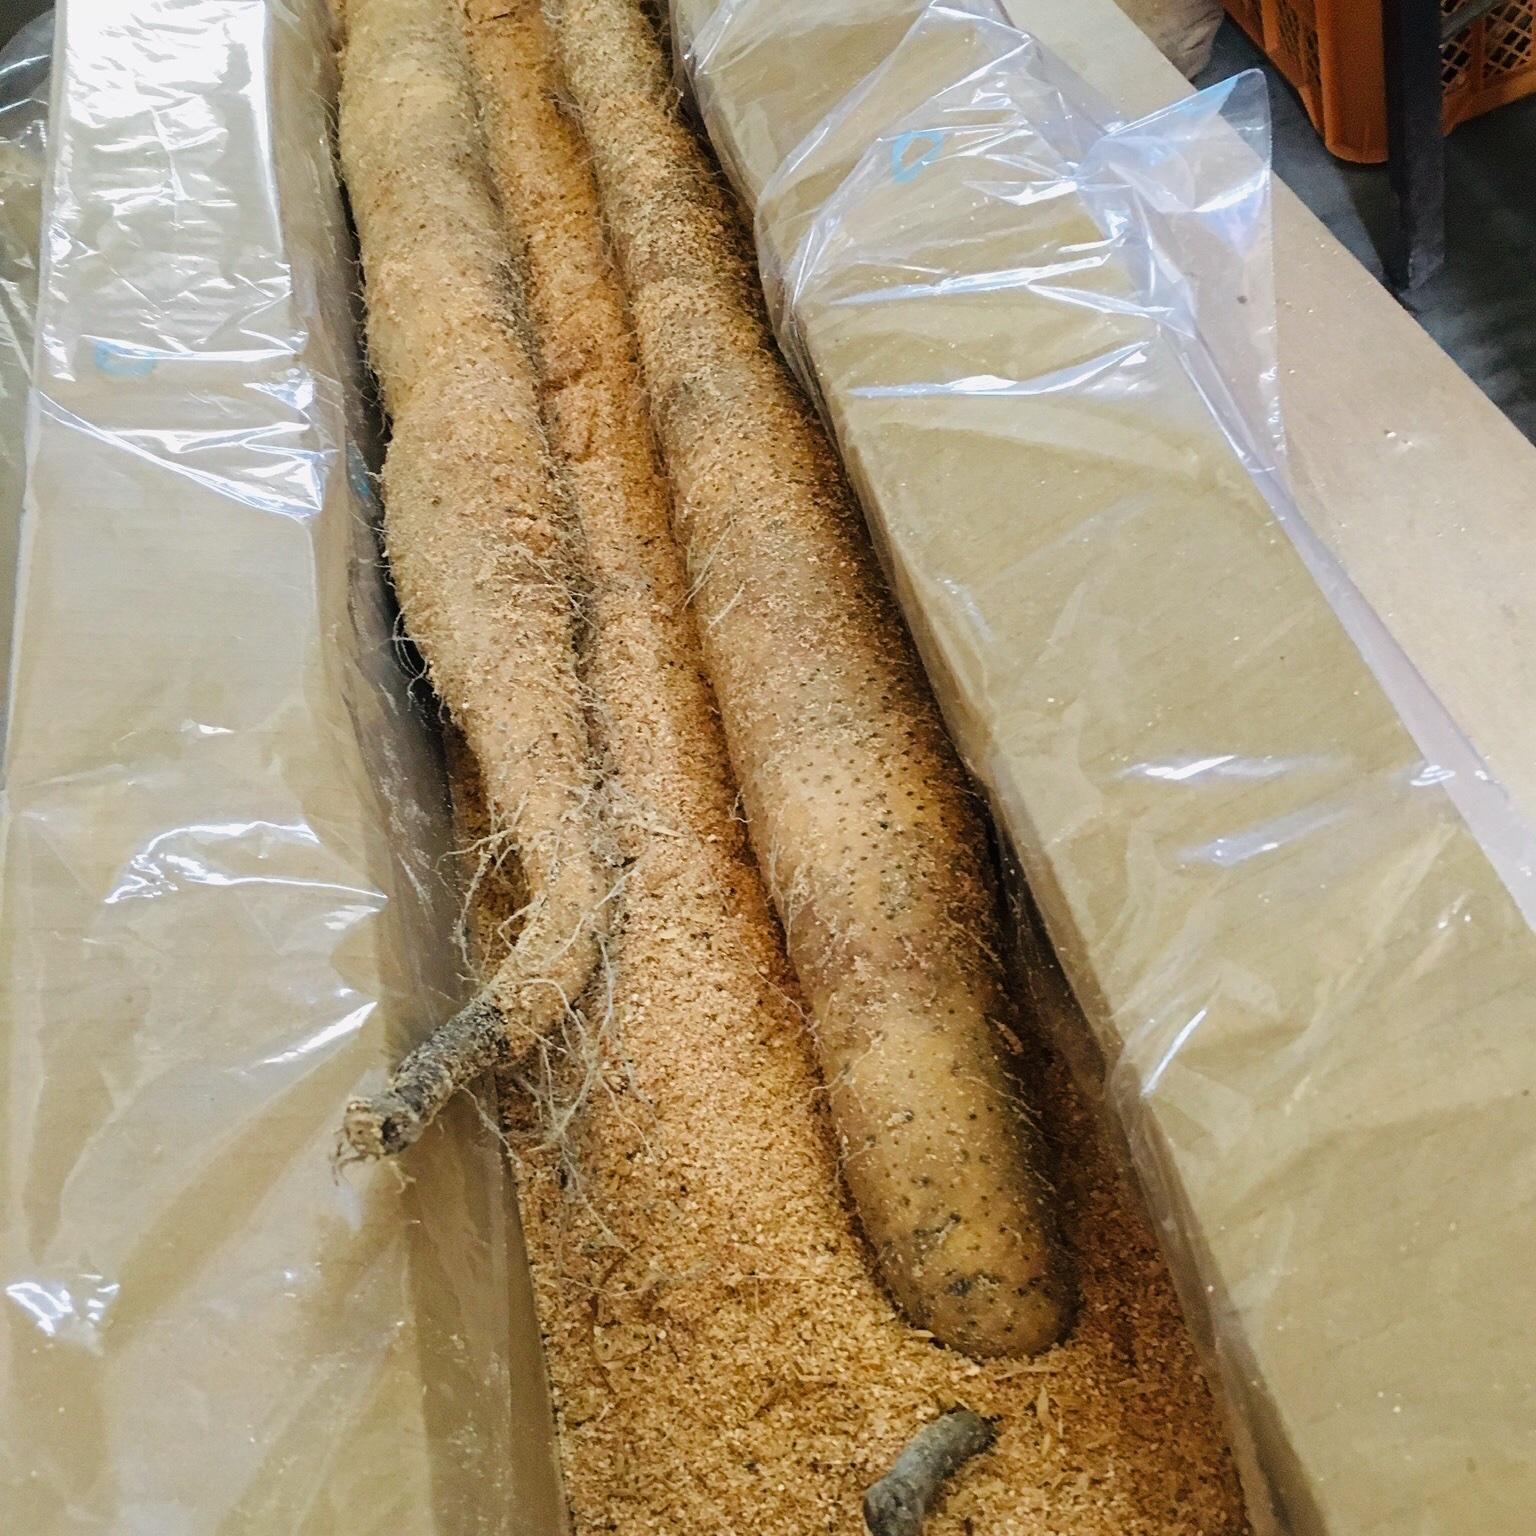 【飲食店様向け】くわはら農園の業務用自然薯(おがくず入り) 5kg 野菜/山菜通販